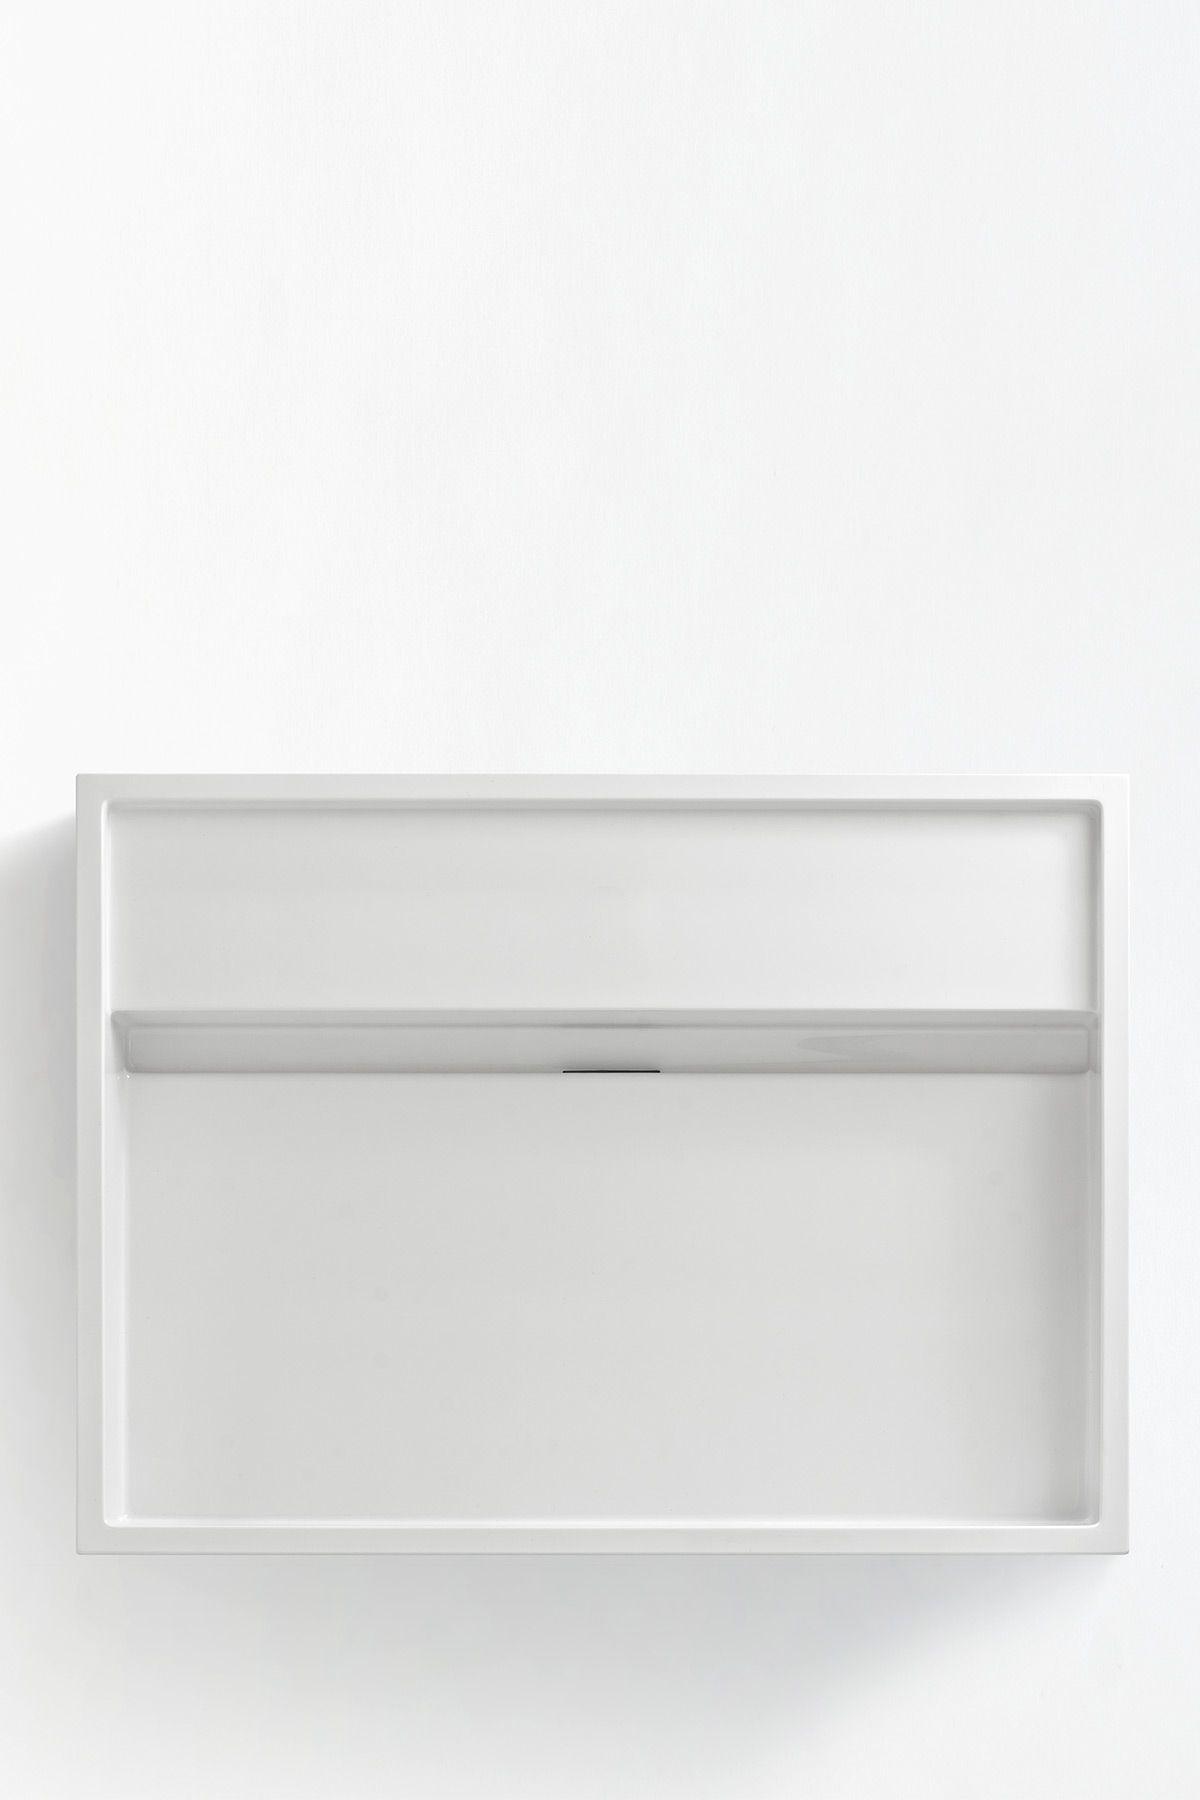 Burgbad uomo minimalistisches eckiges waschbecken aus for Eckiges waschbecken